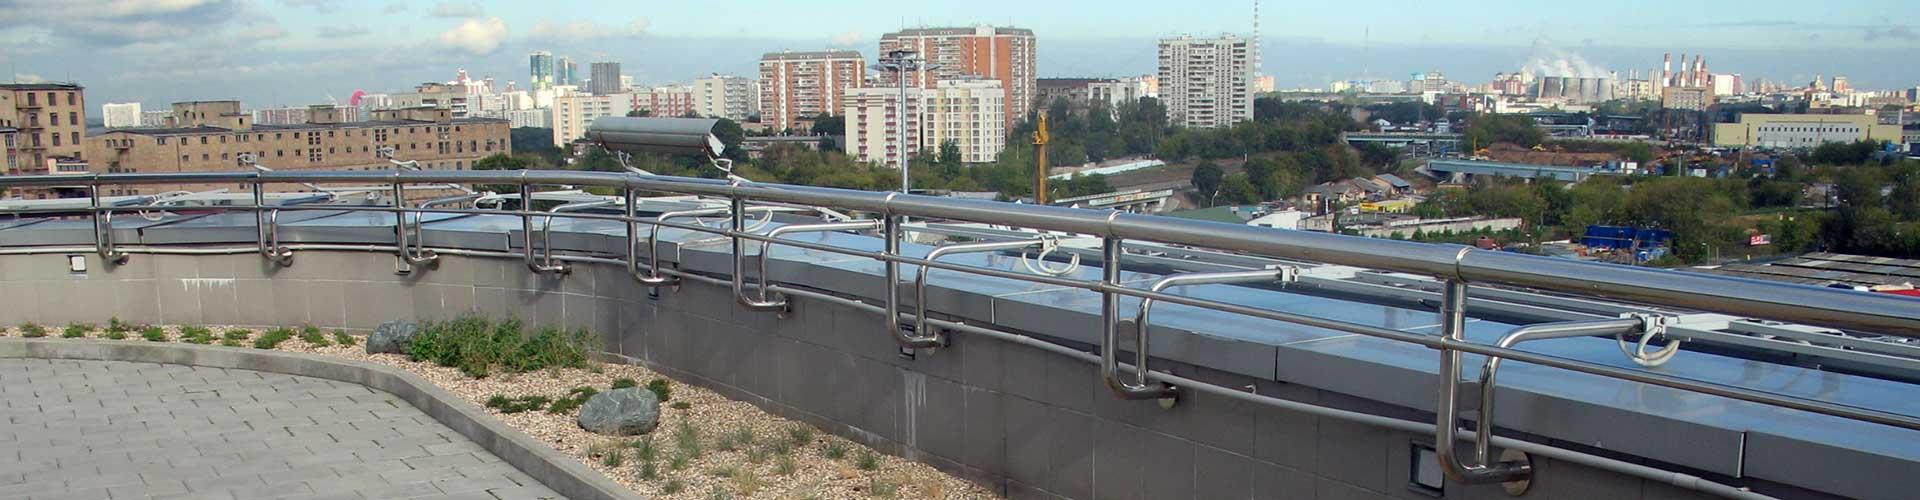 сад на крыше (проектирование и реализация)